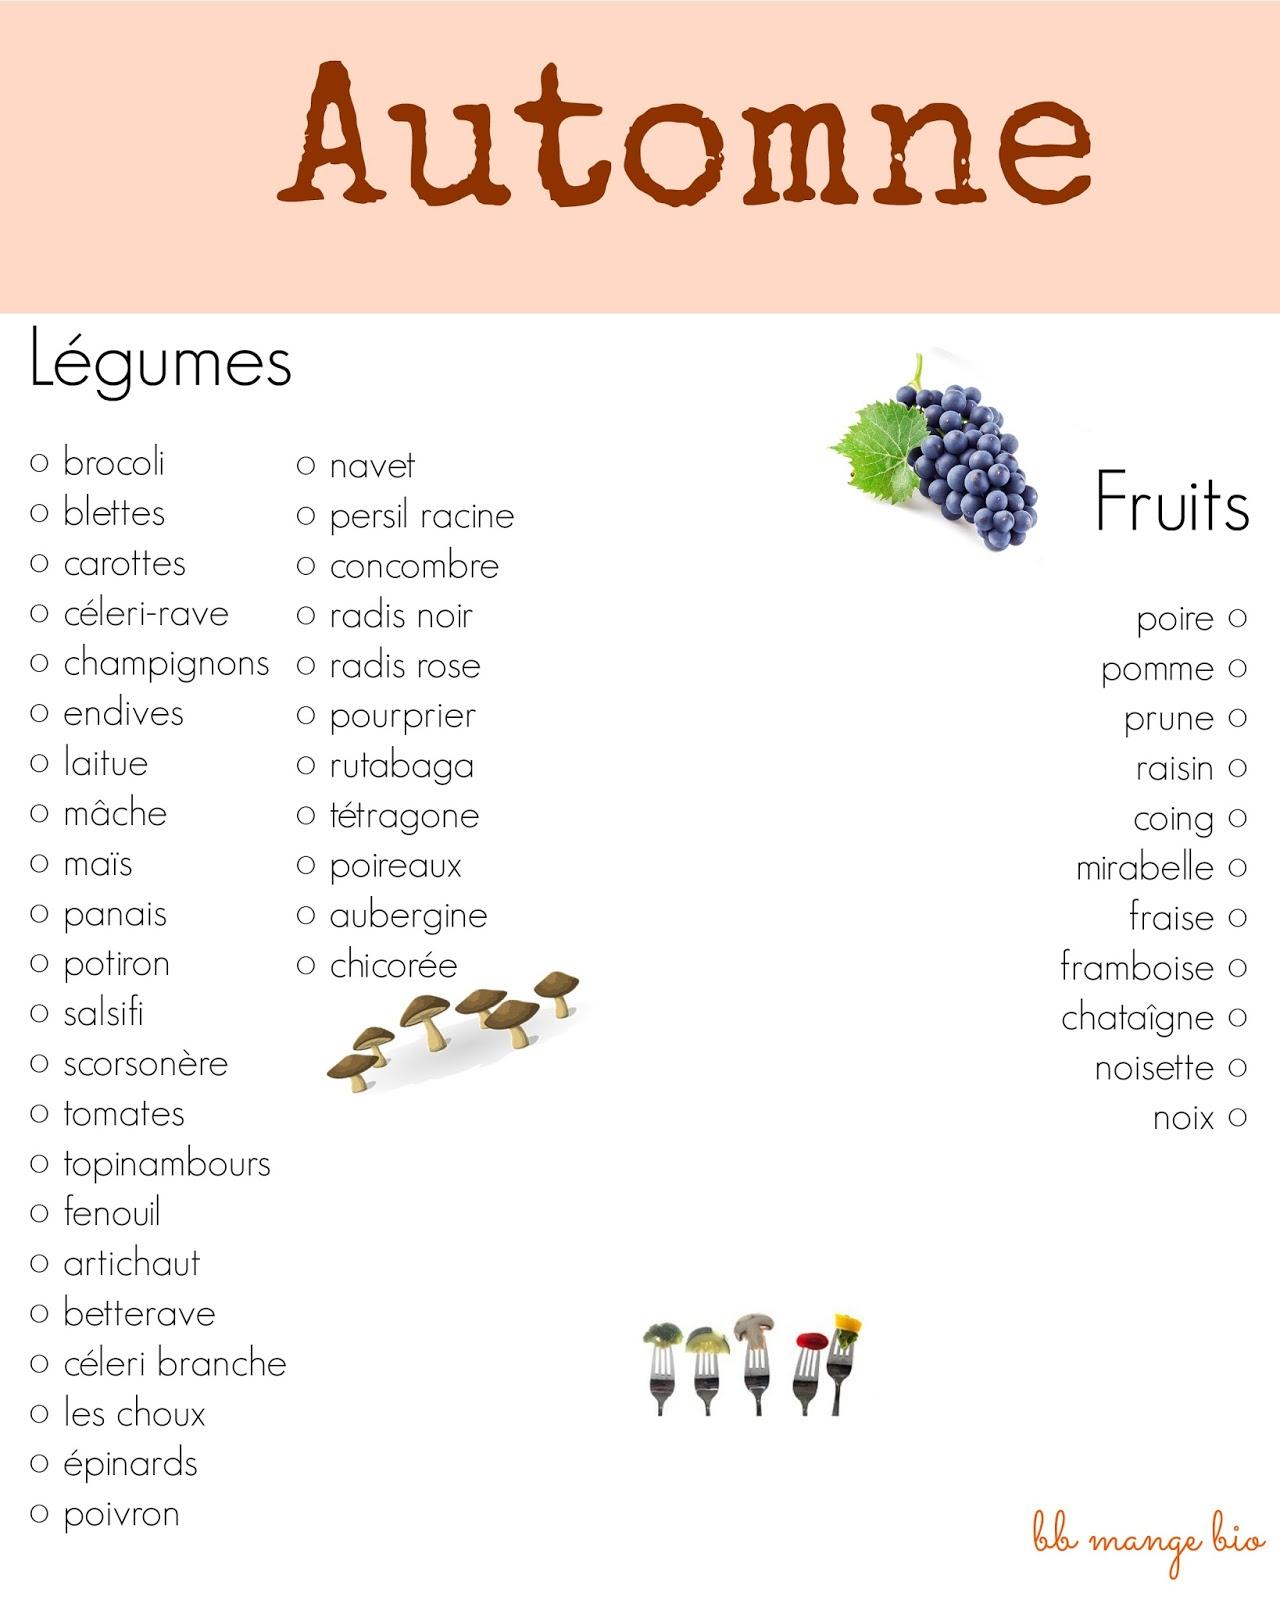 BB mange bio présente la liste des fruits et légumes d'automne cultivés en France métropolitaine